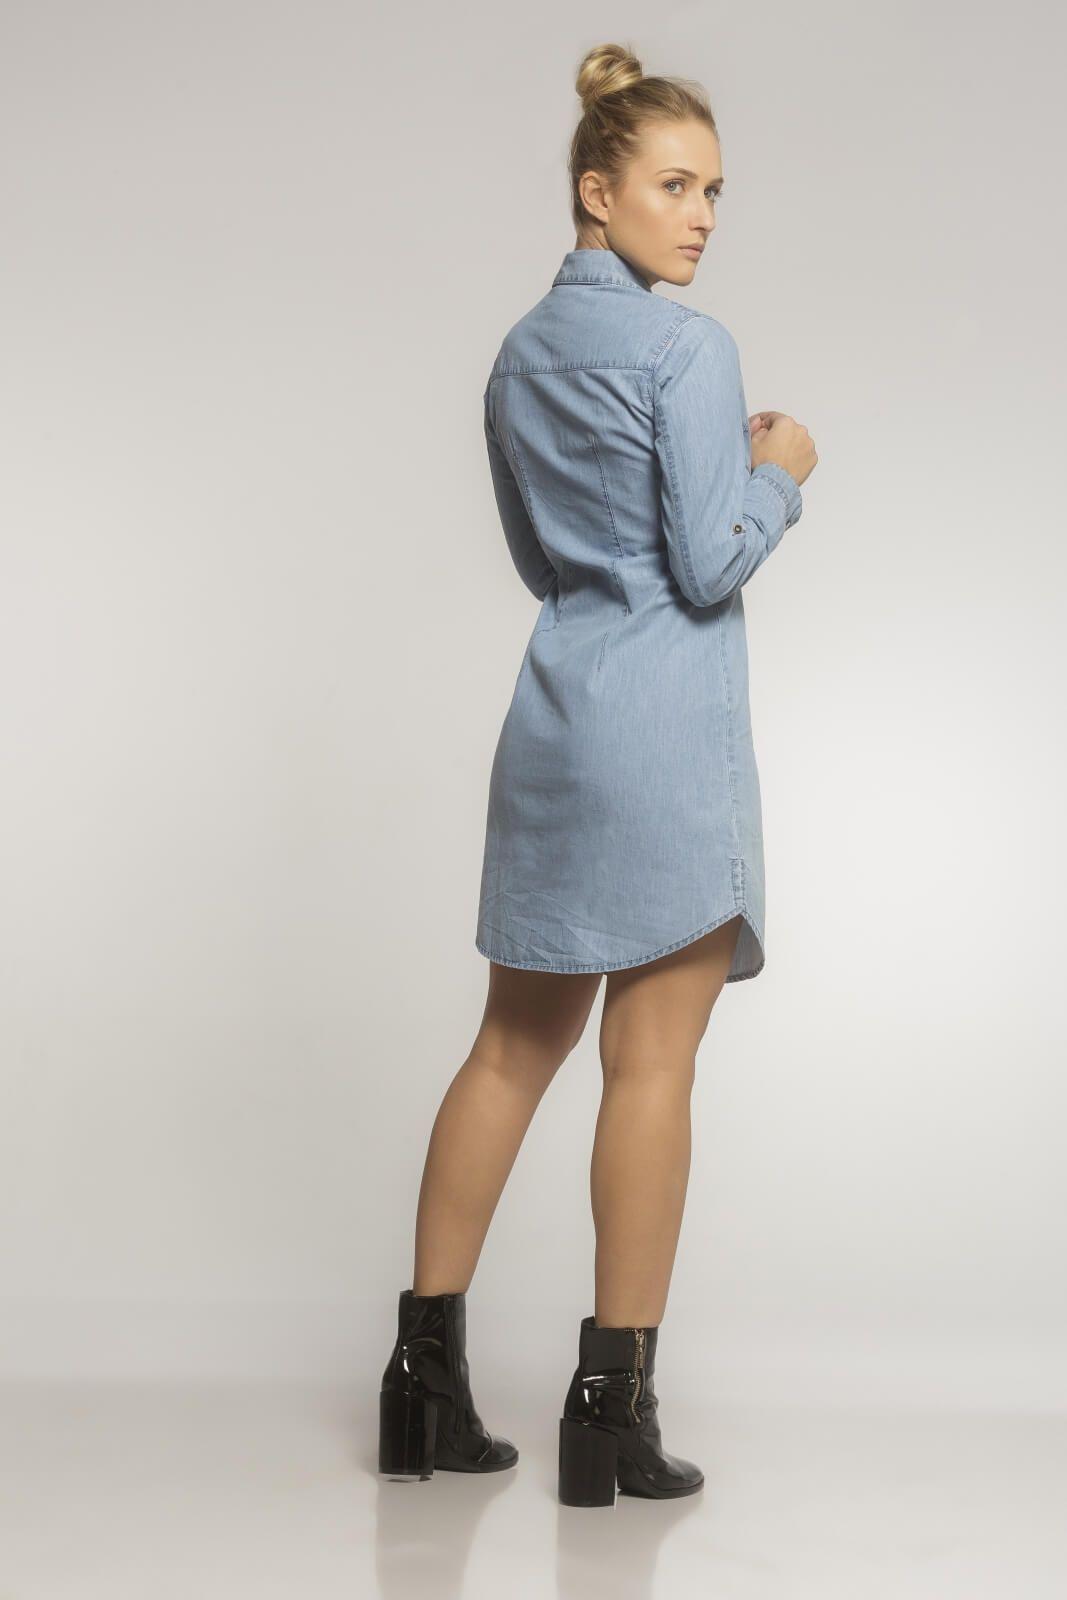 Vestido Chemisier Jeans Azul Claro